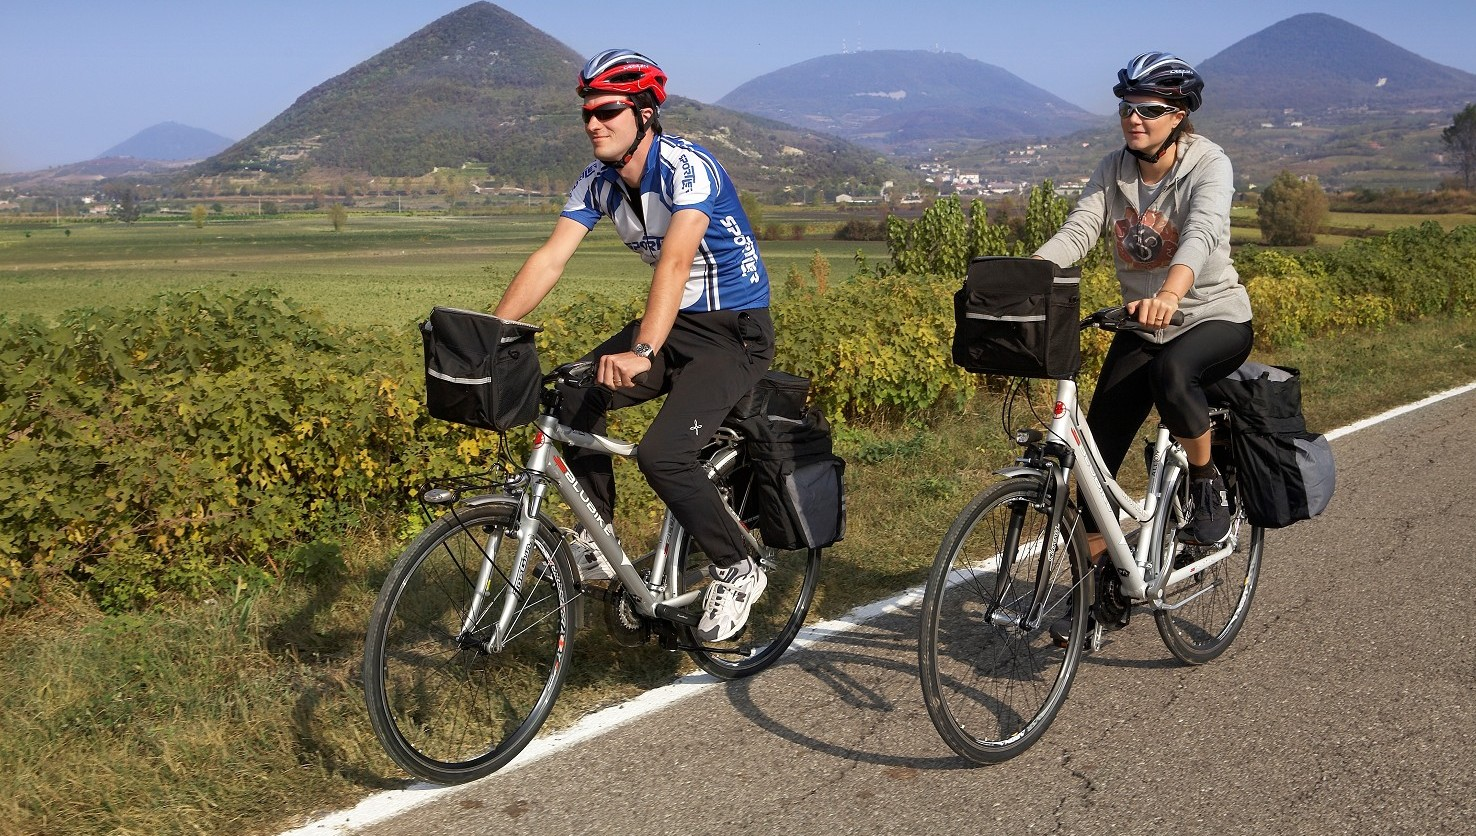 Cicloturismo: consigli su percorsi e itinerari